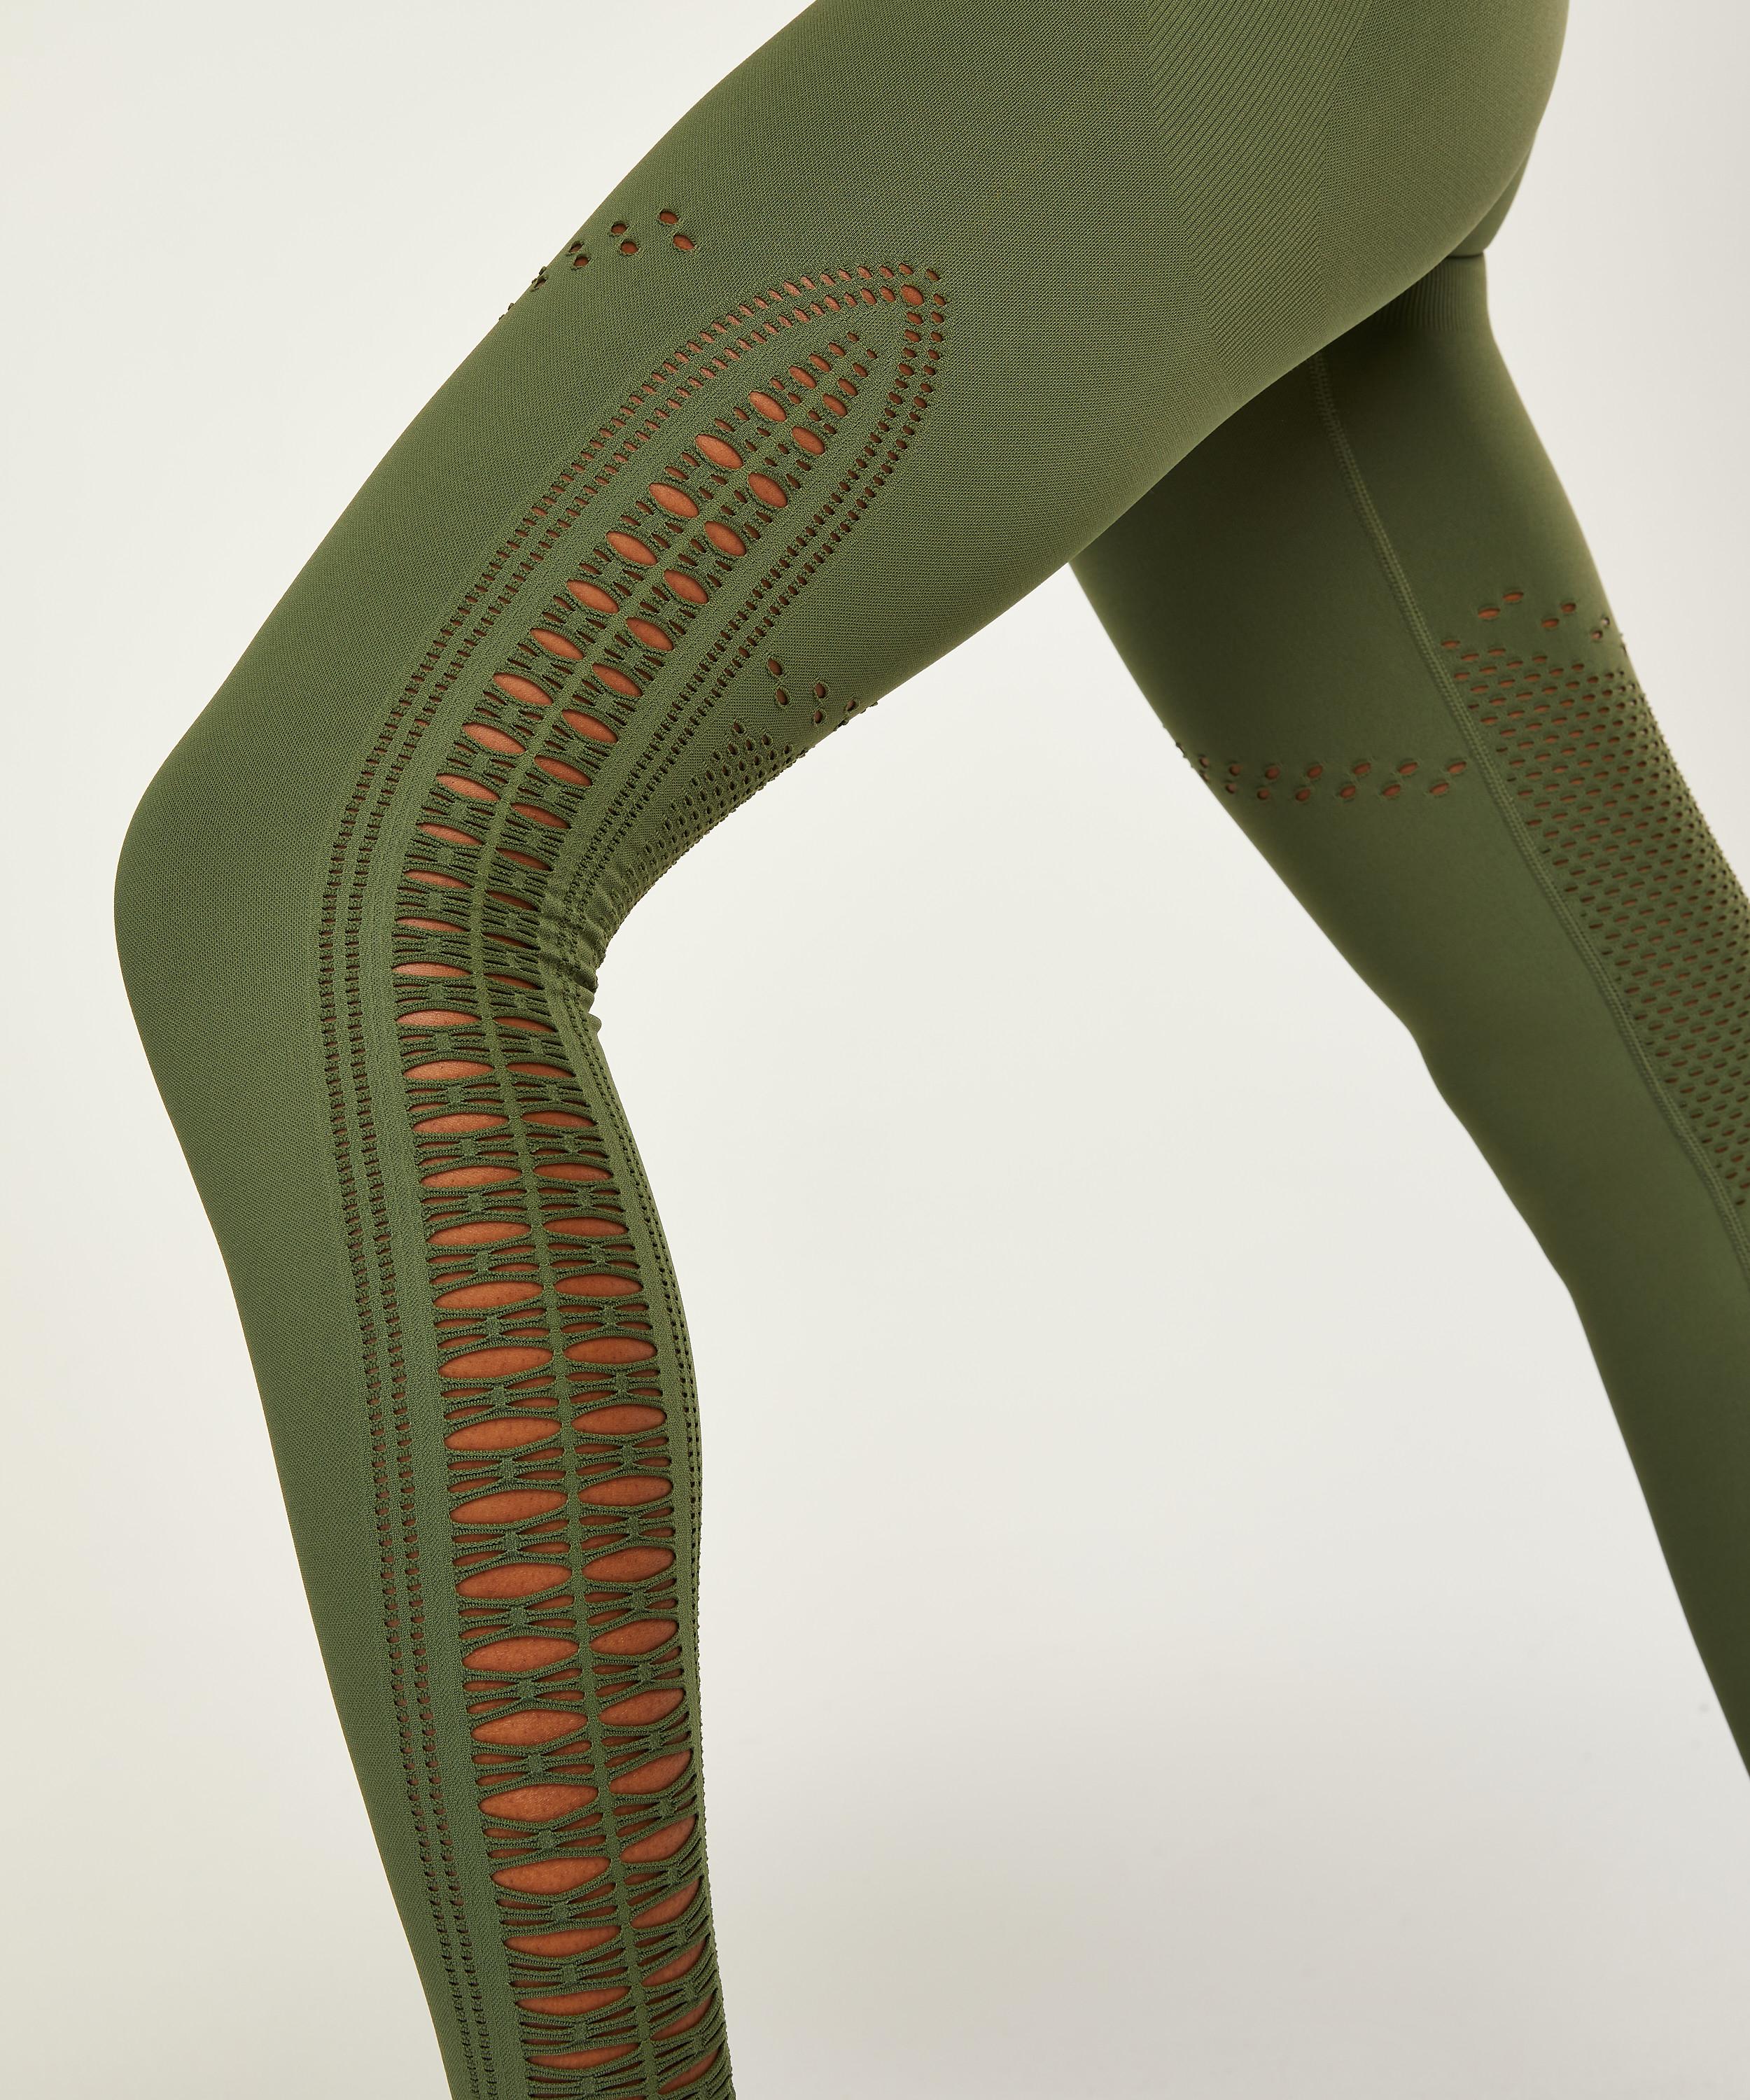 HKMX Karma sömlösa leggings med hög midja, grön, main